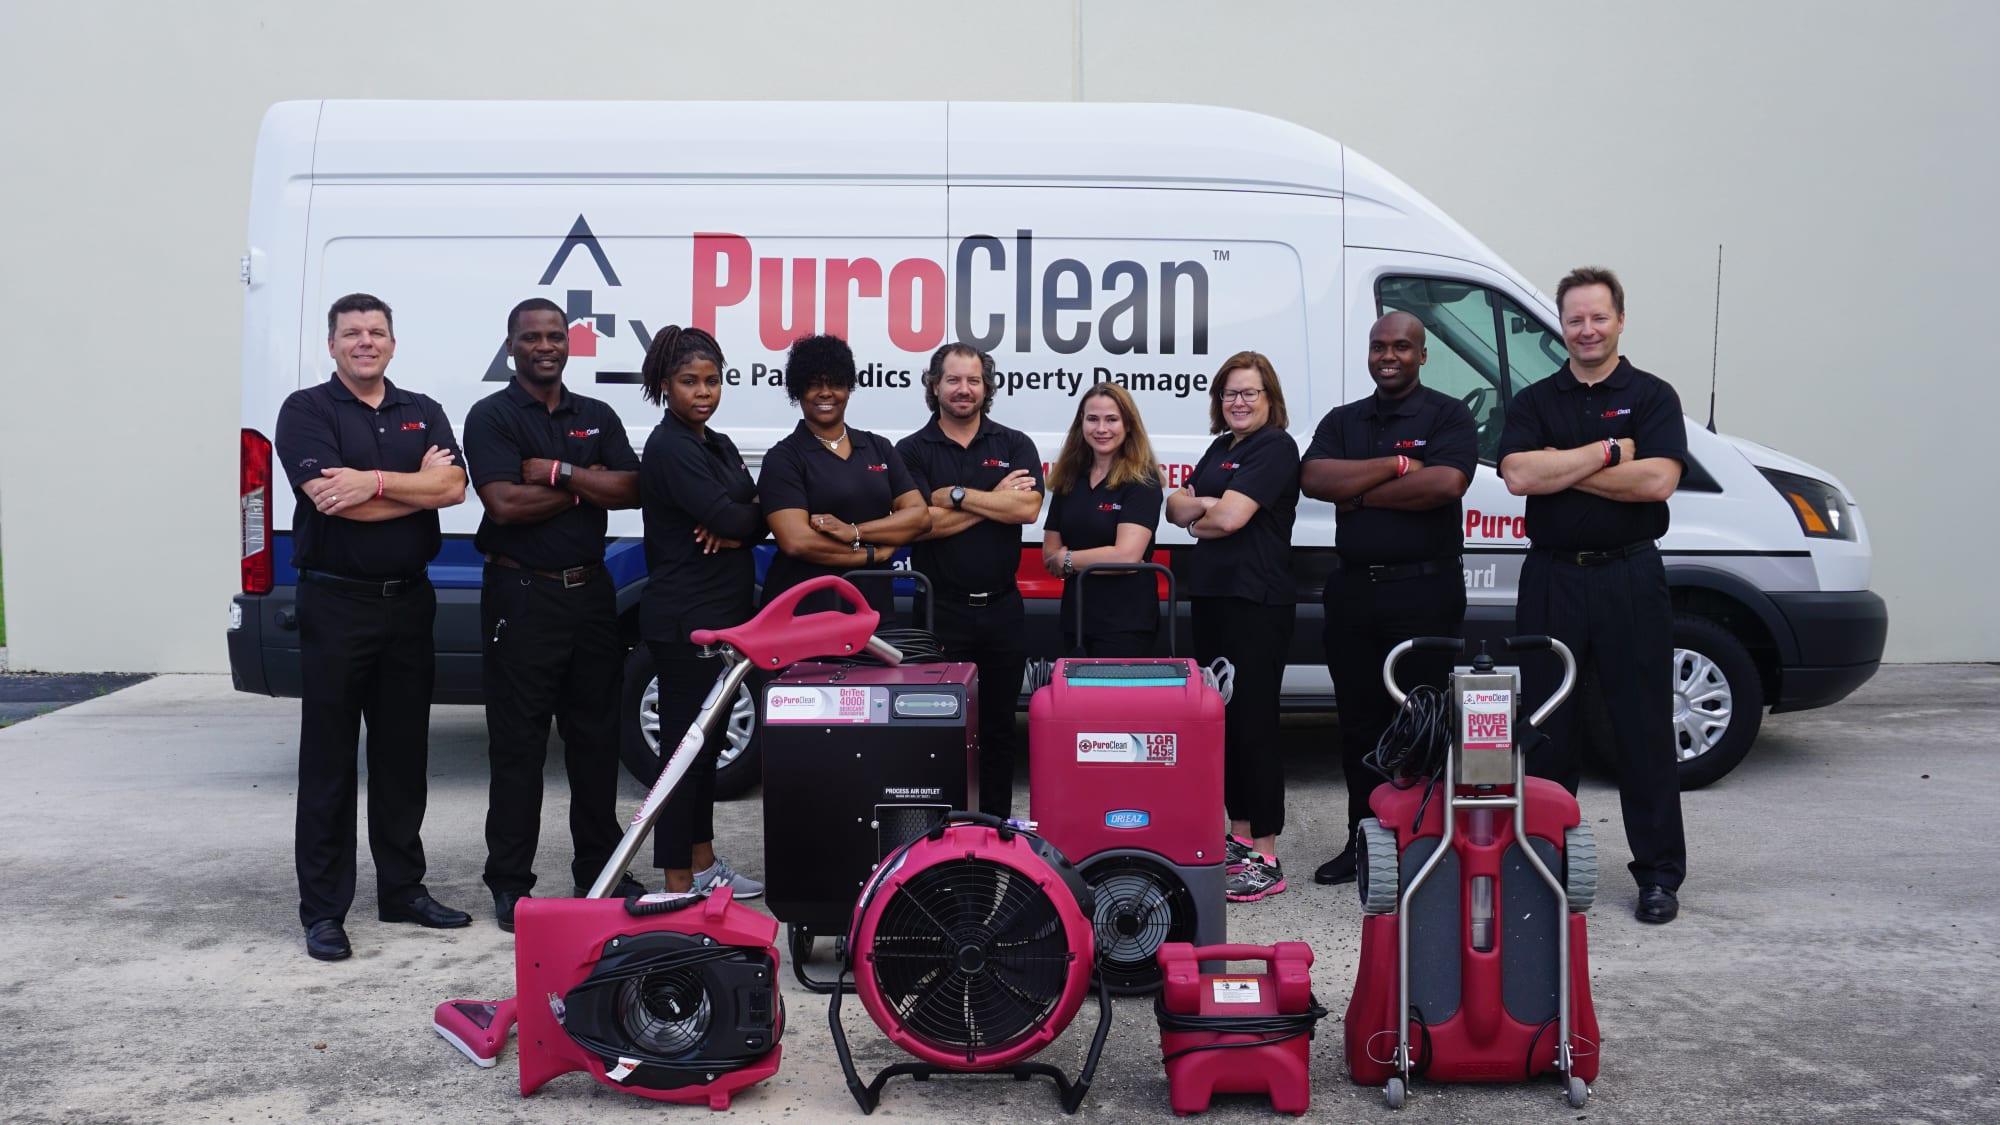 Puroclean team